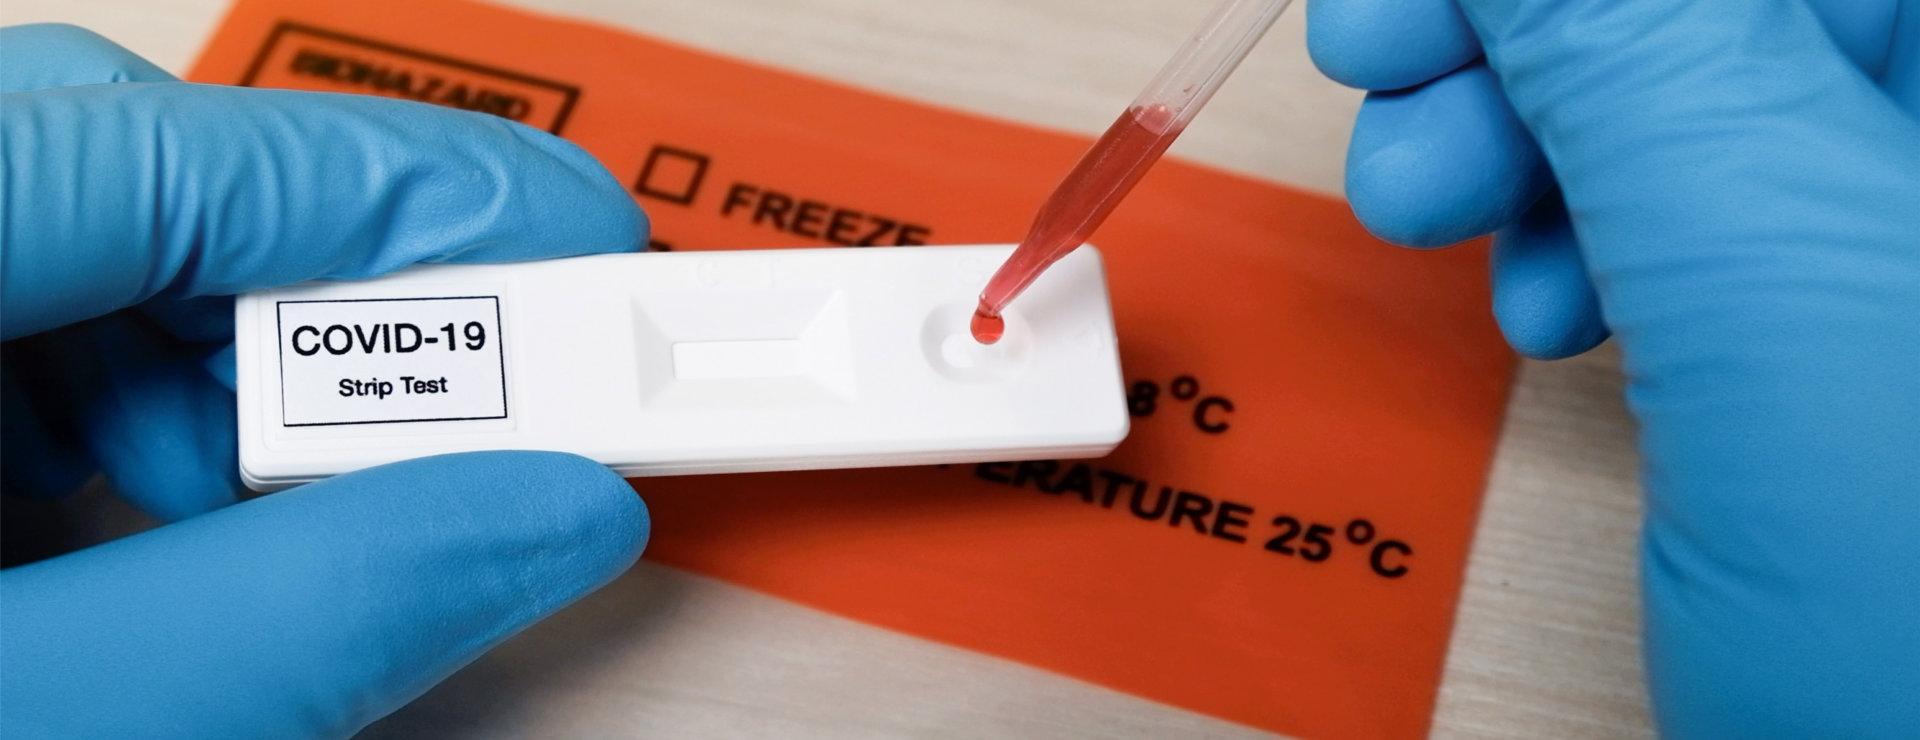 anti-gen test